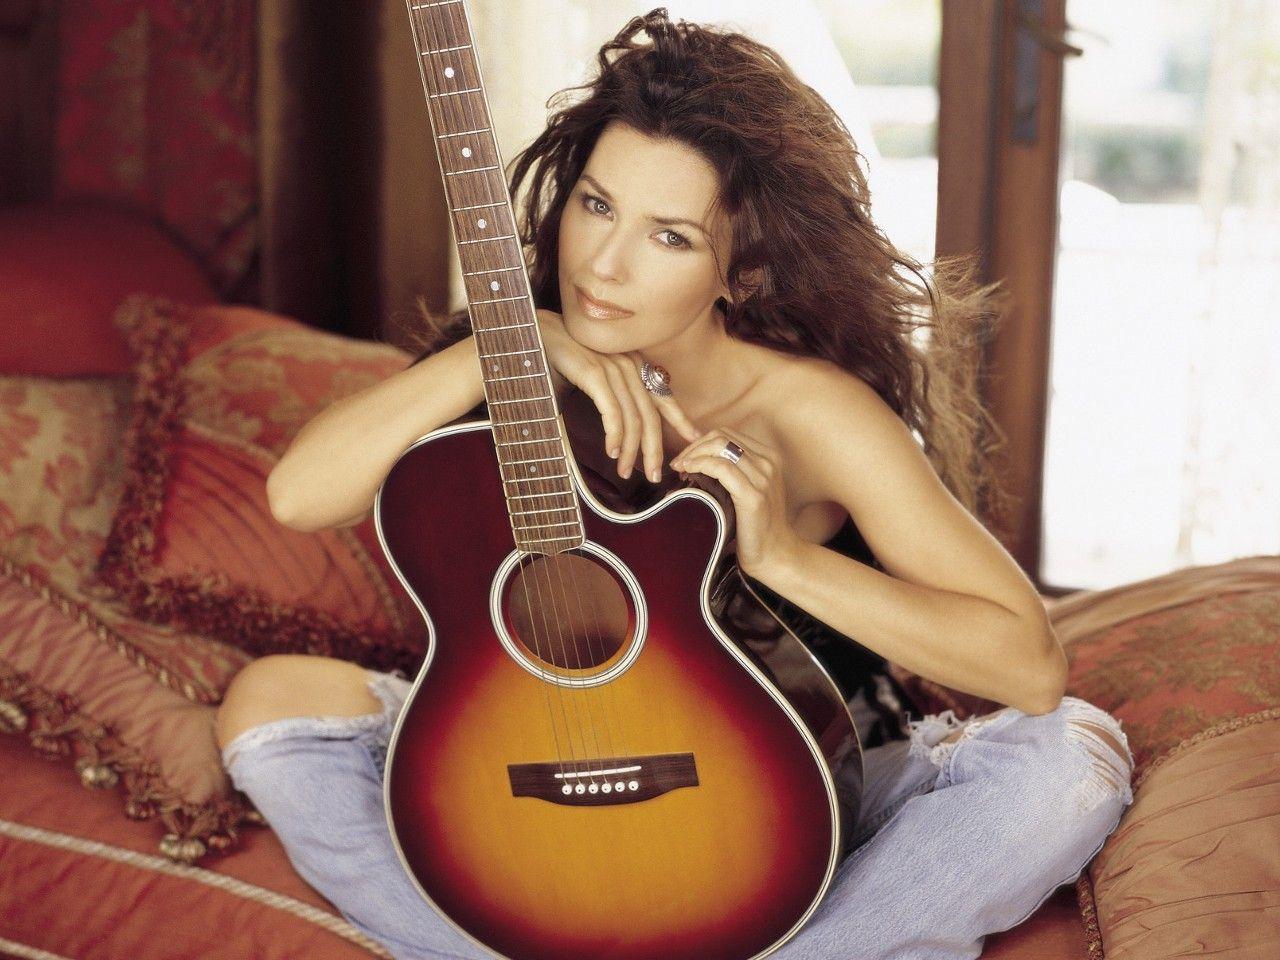 http://3.bp.blogspot.com/-QjhQv7o4J6Q/TXiOvrcaKdI/AAAAAAAACtw/BqCs1oLE-5g/s1600/Shania_Twain.jpg